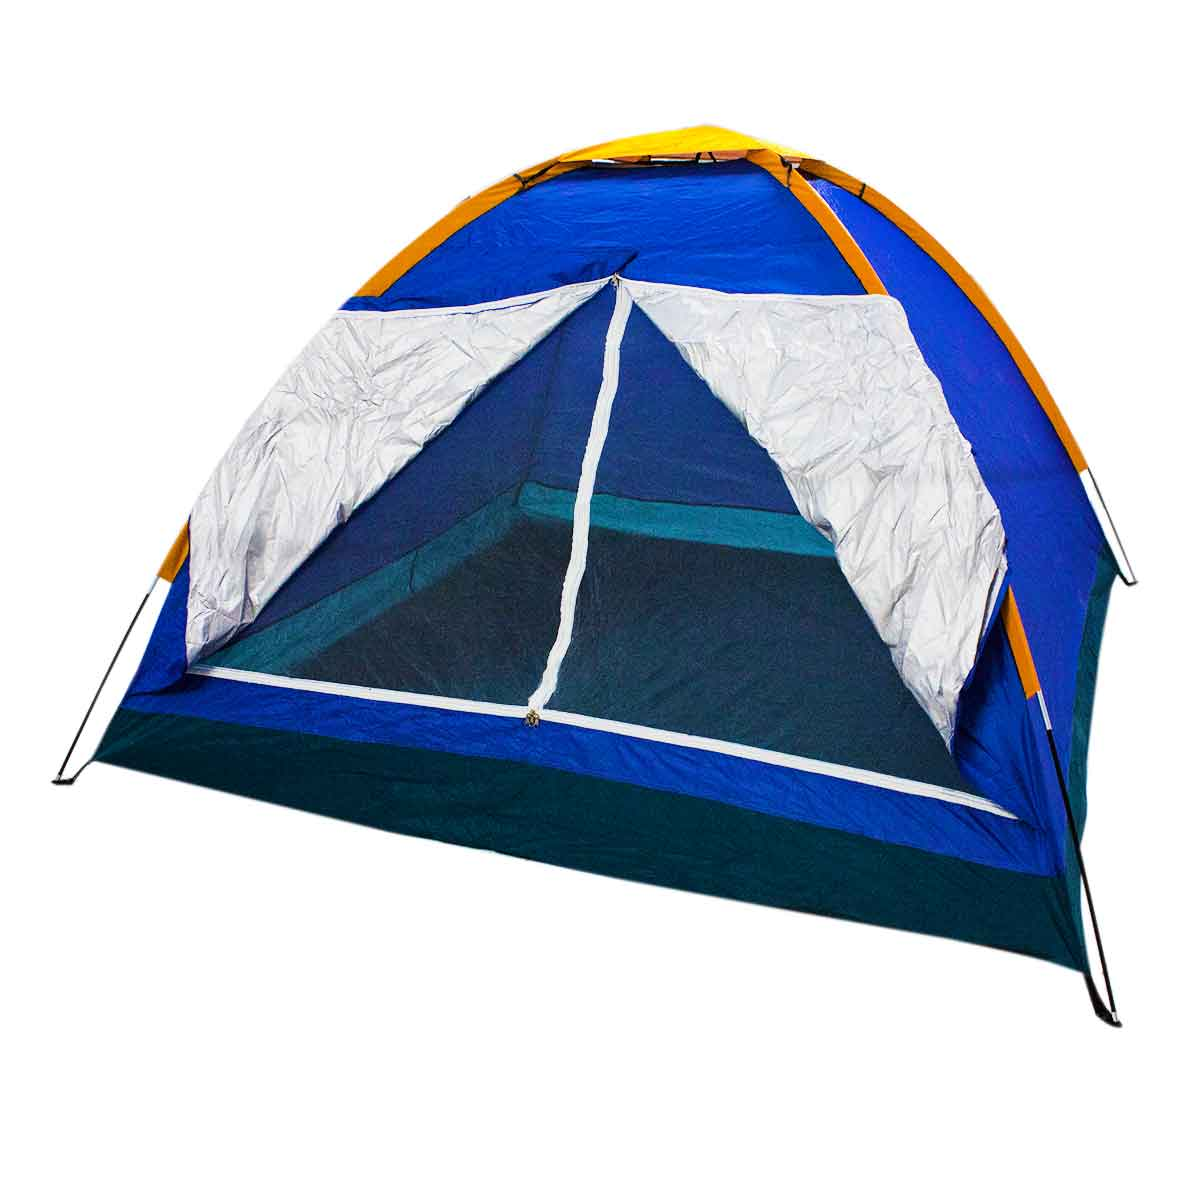 Barraca Camping 3 Pessoas Iglu Tenda Acampamento Bolsa